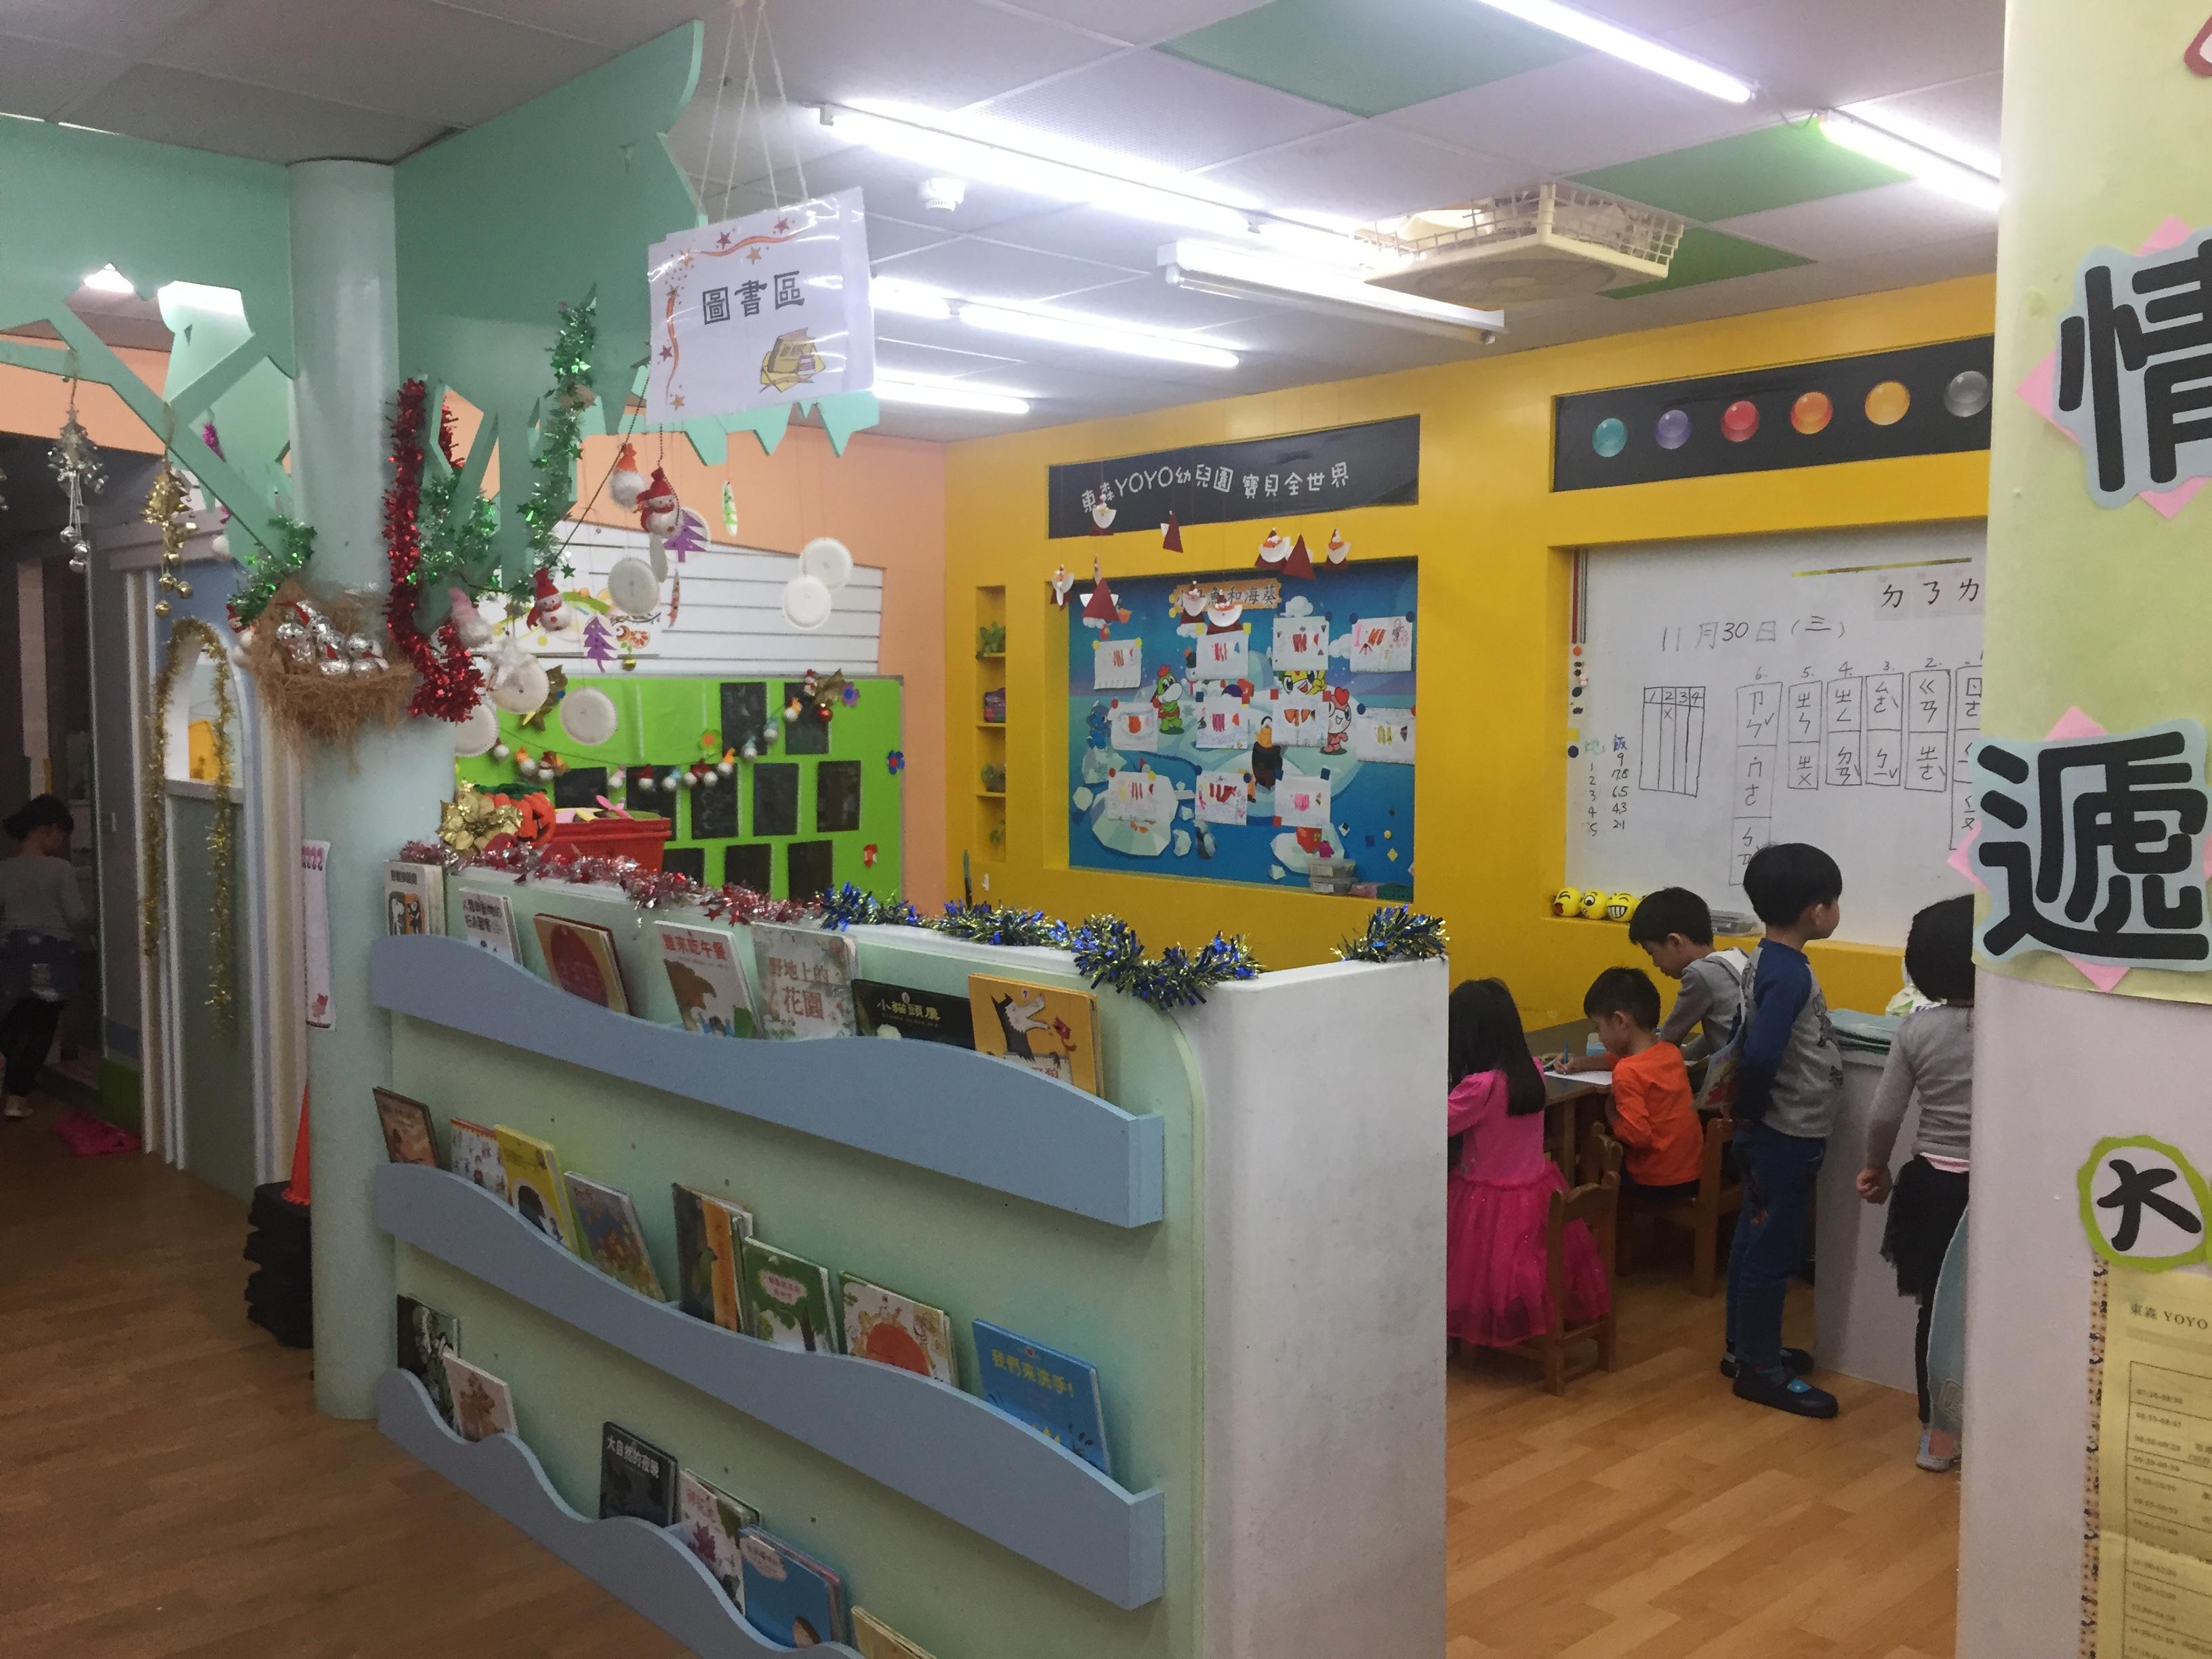 孩童們正在上課中。攝影/潘幸暉